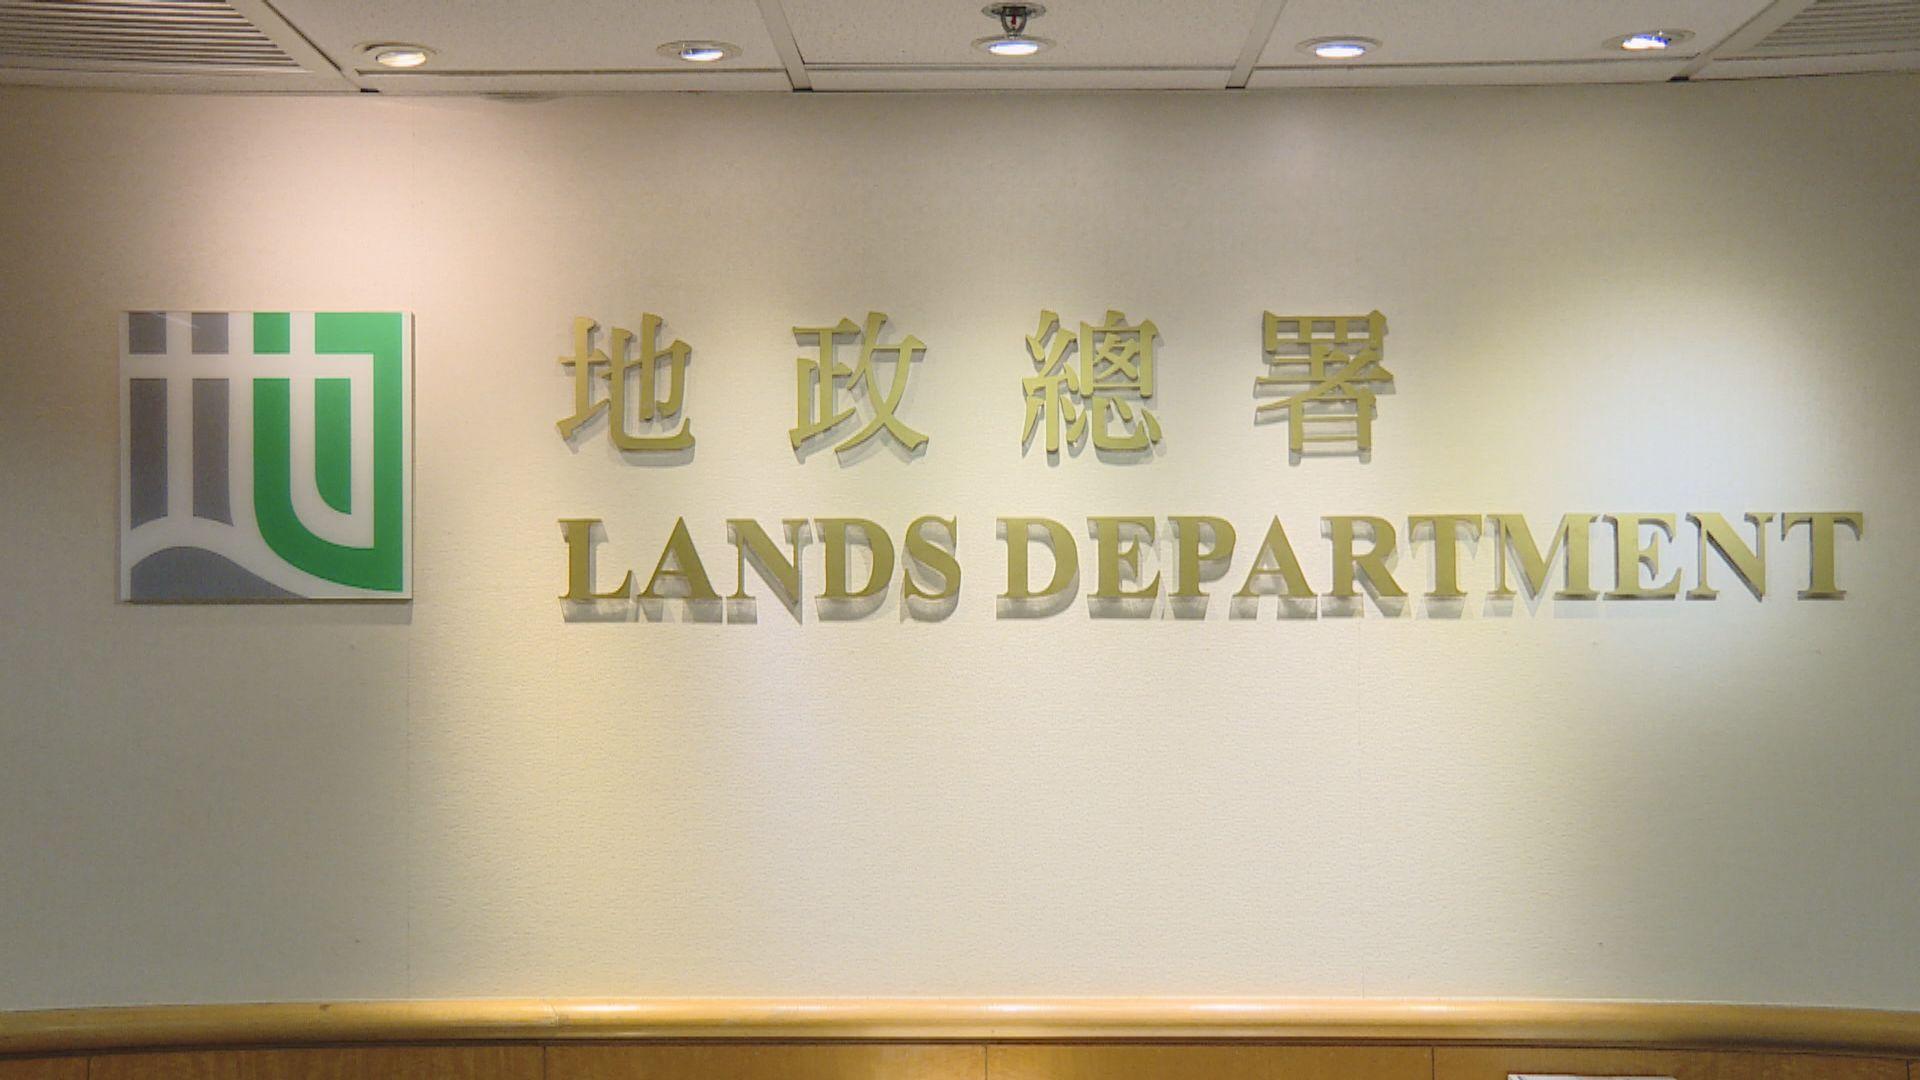 地政總署收回屯門54幅私人農地作公營房屋及教育設施